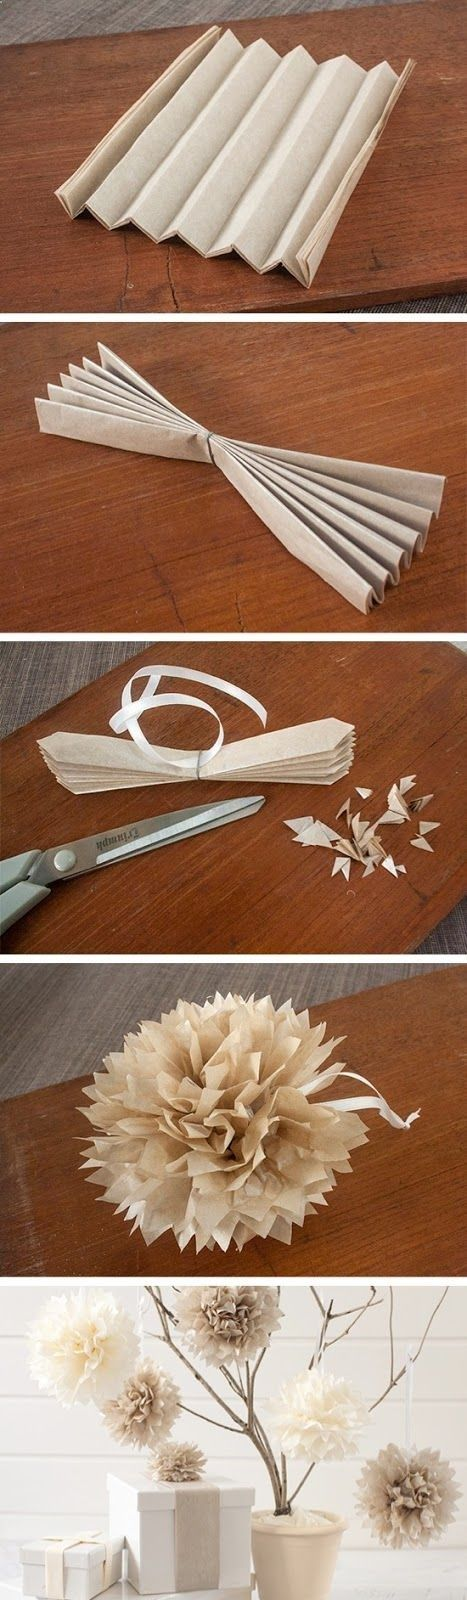 joybobo: Easy Tissue Paper Pom Poms